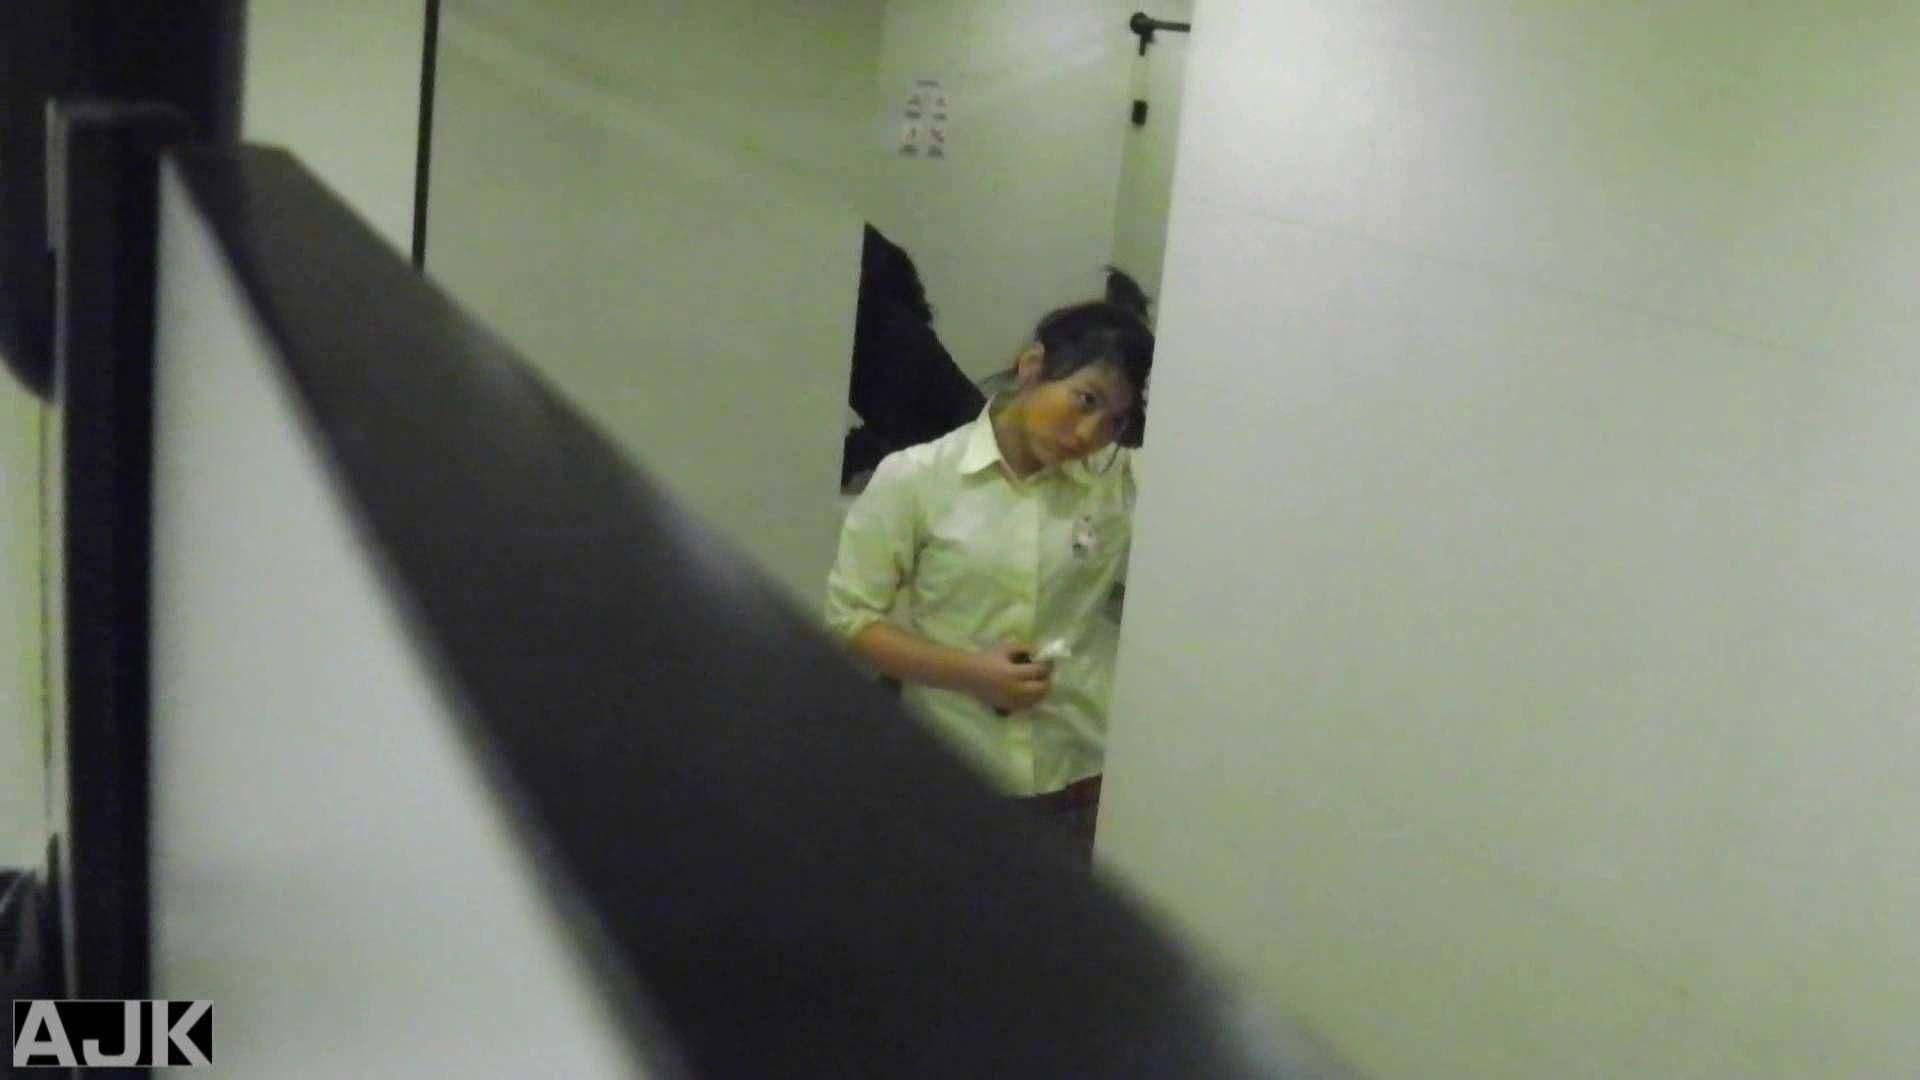 隣国上階級エリアの令嬢たちが集うデパートお手洗い Vol.17 お手洗い  98pic 52